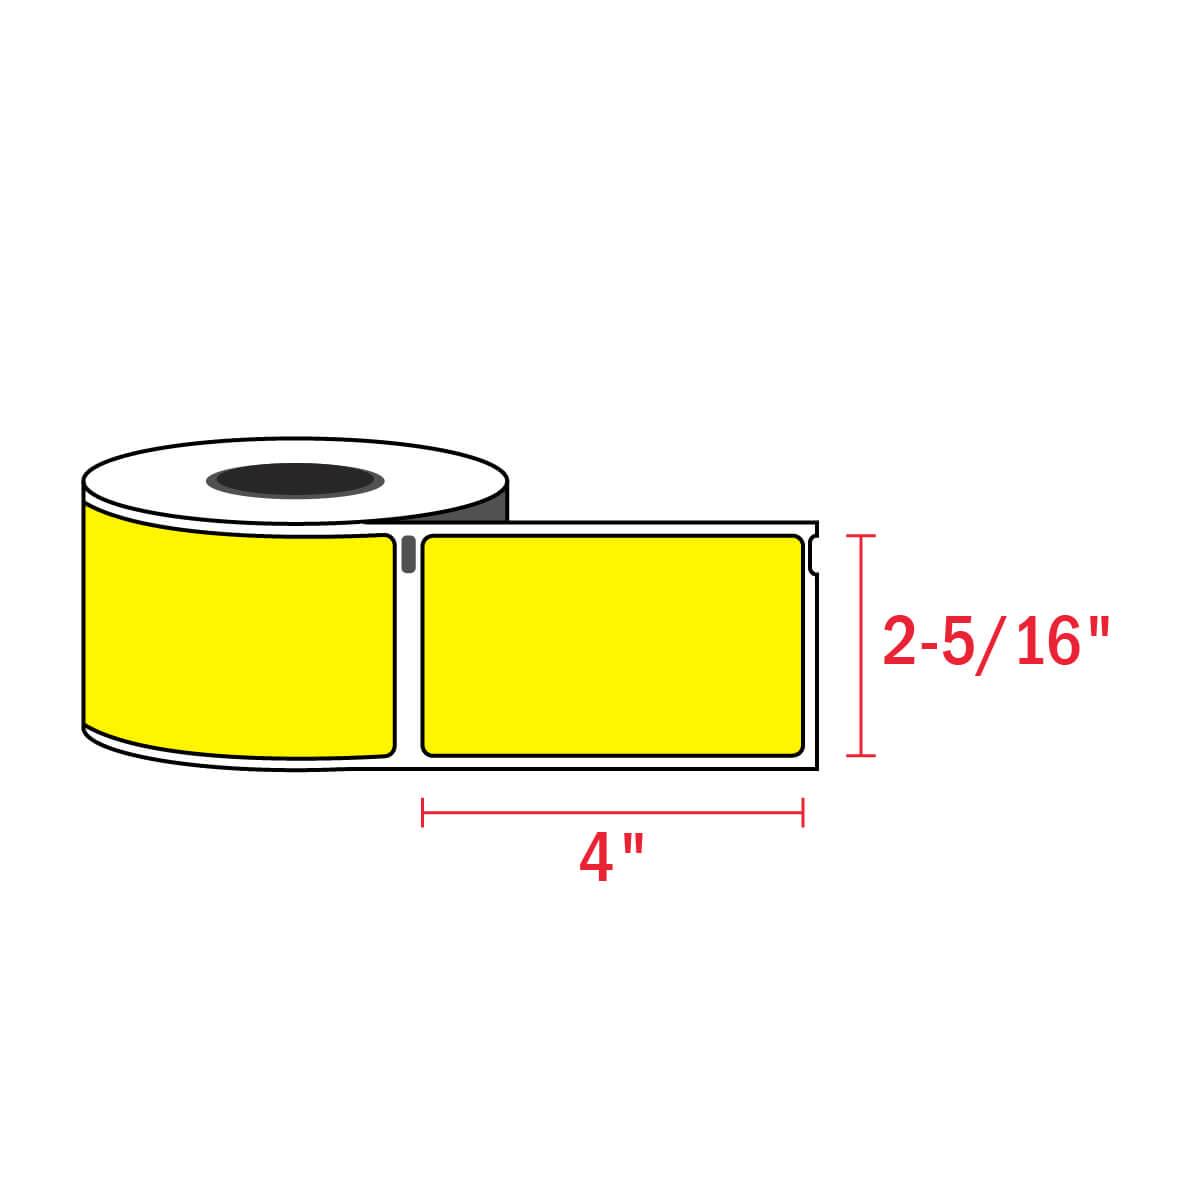 4 x 2-5 1 6_yellow